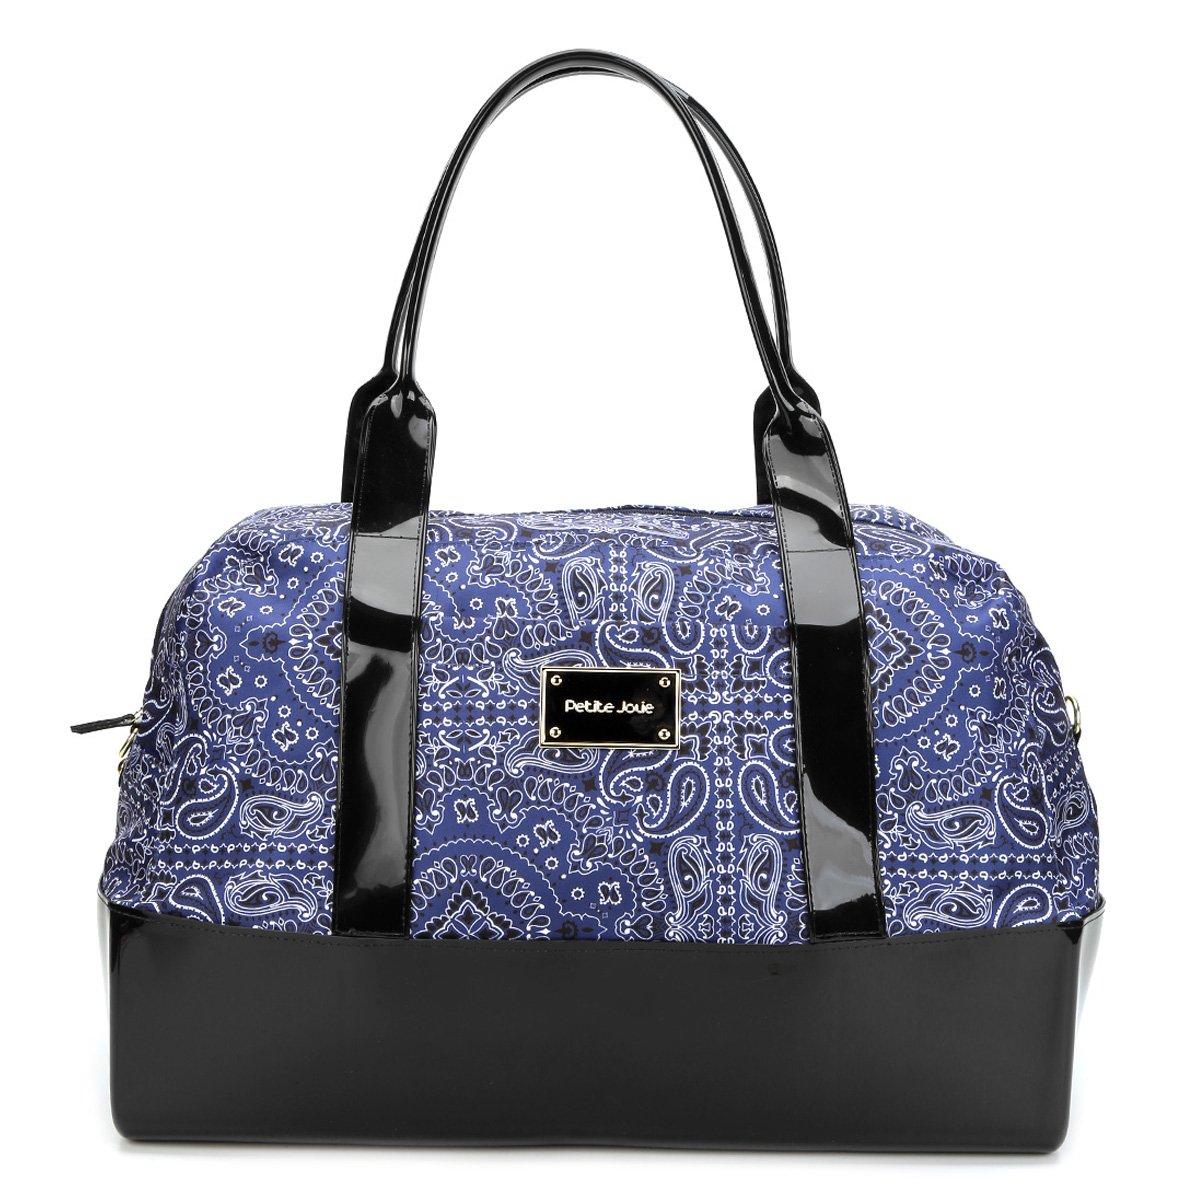 ea60b4c748 Bolsa Petite Jolie Weekend Bag - Compre Agora